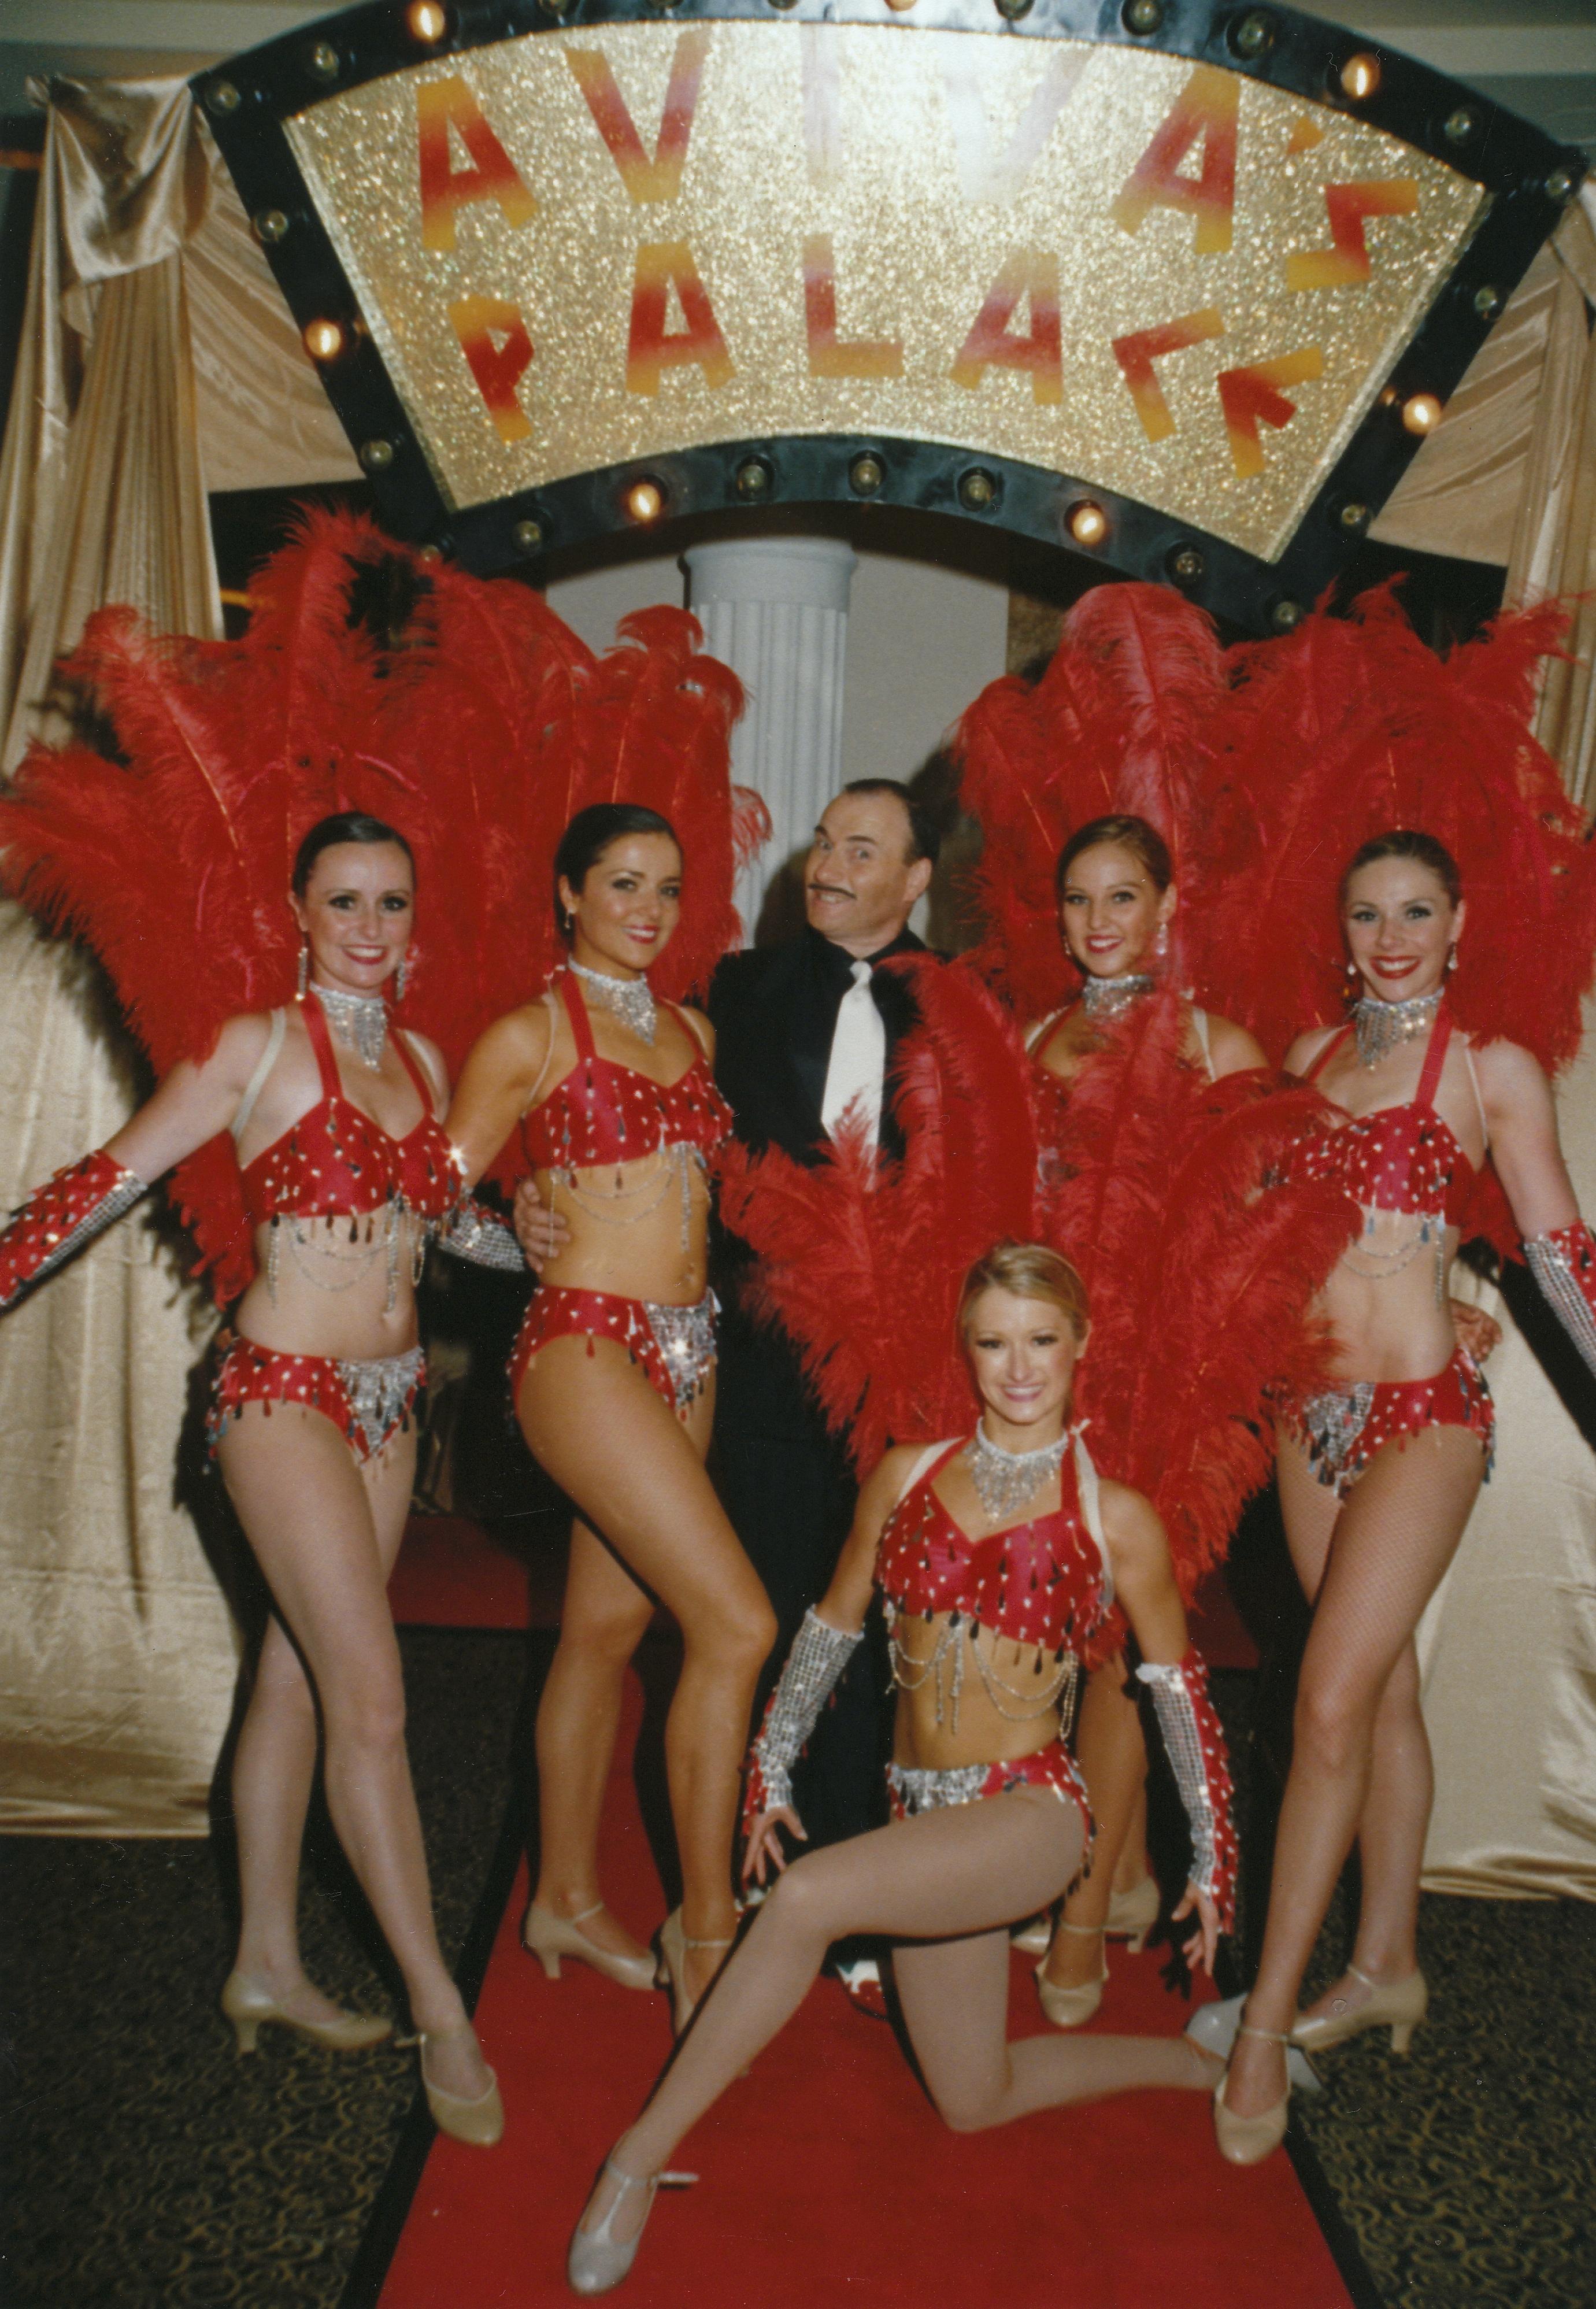 Las Vegas Club Owner